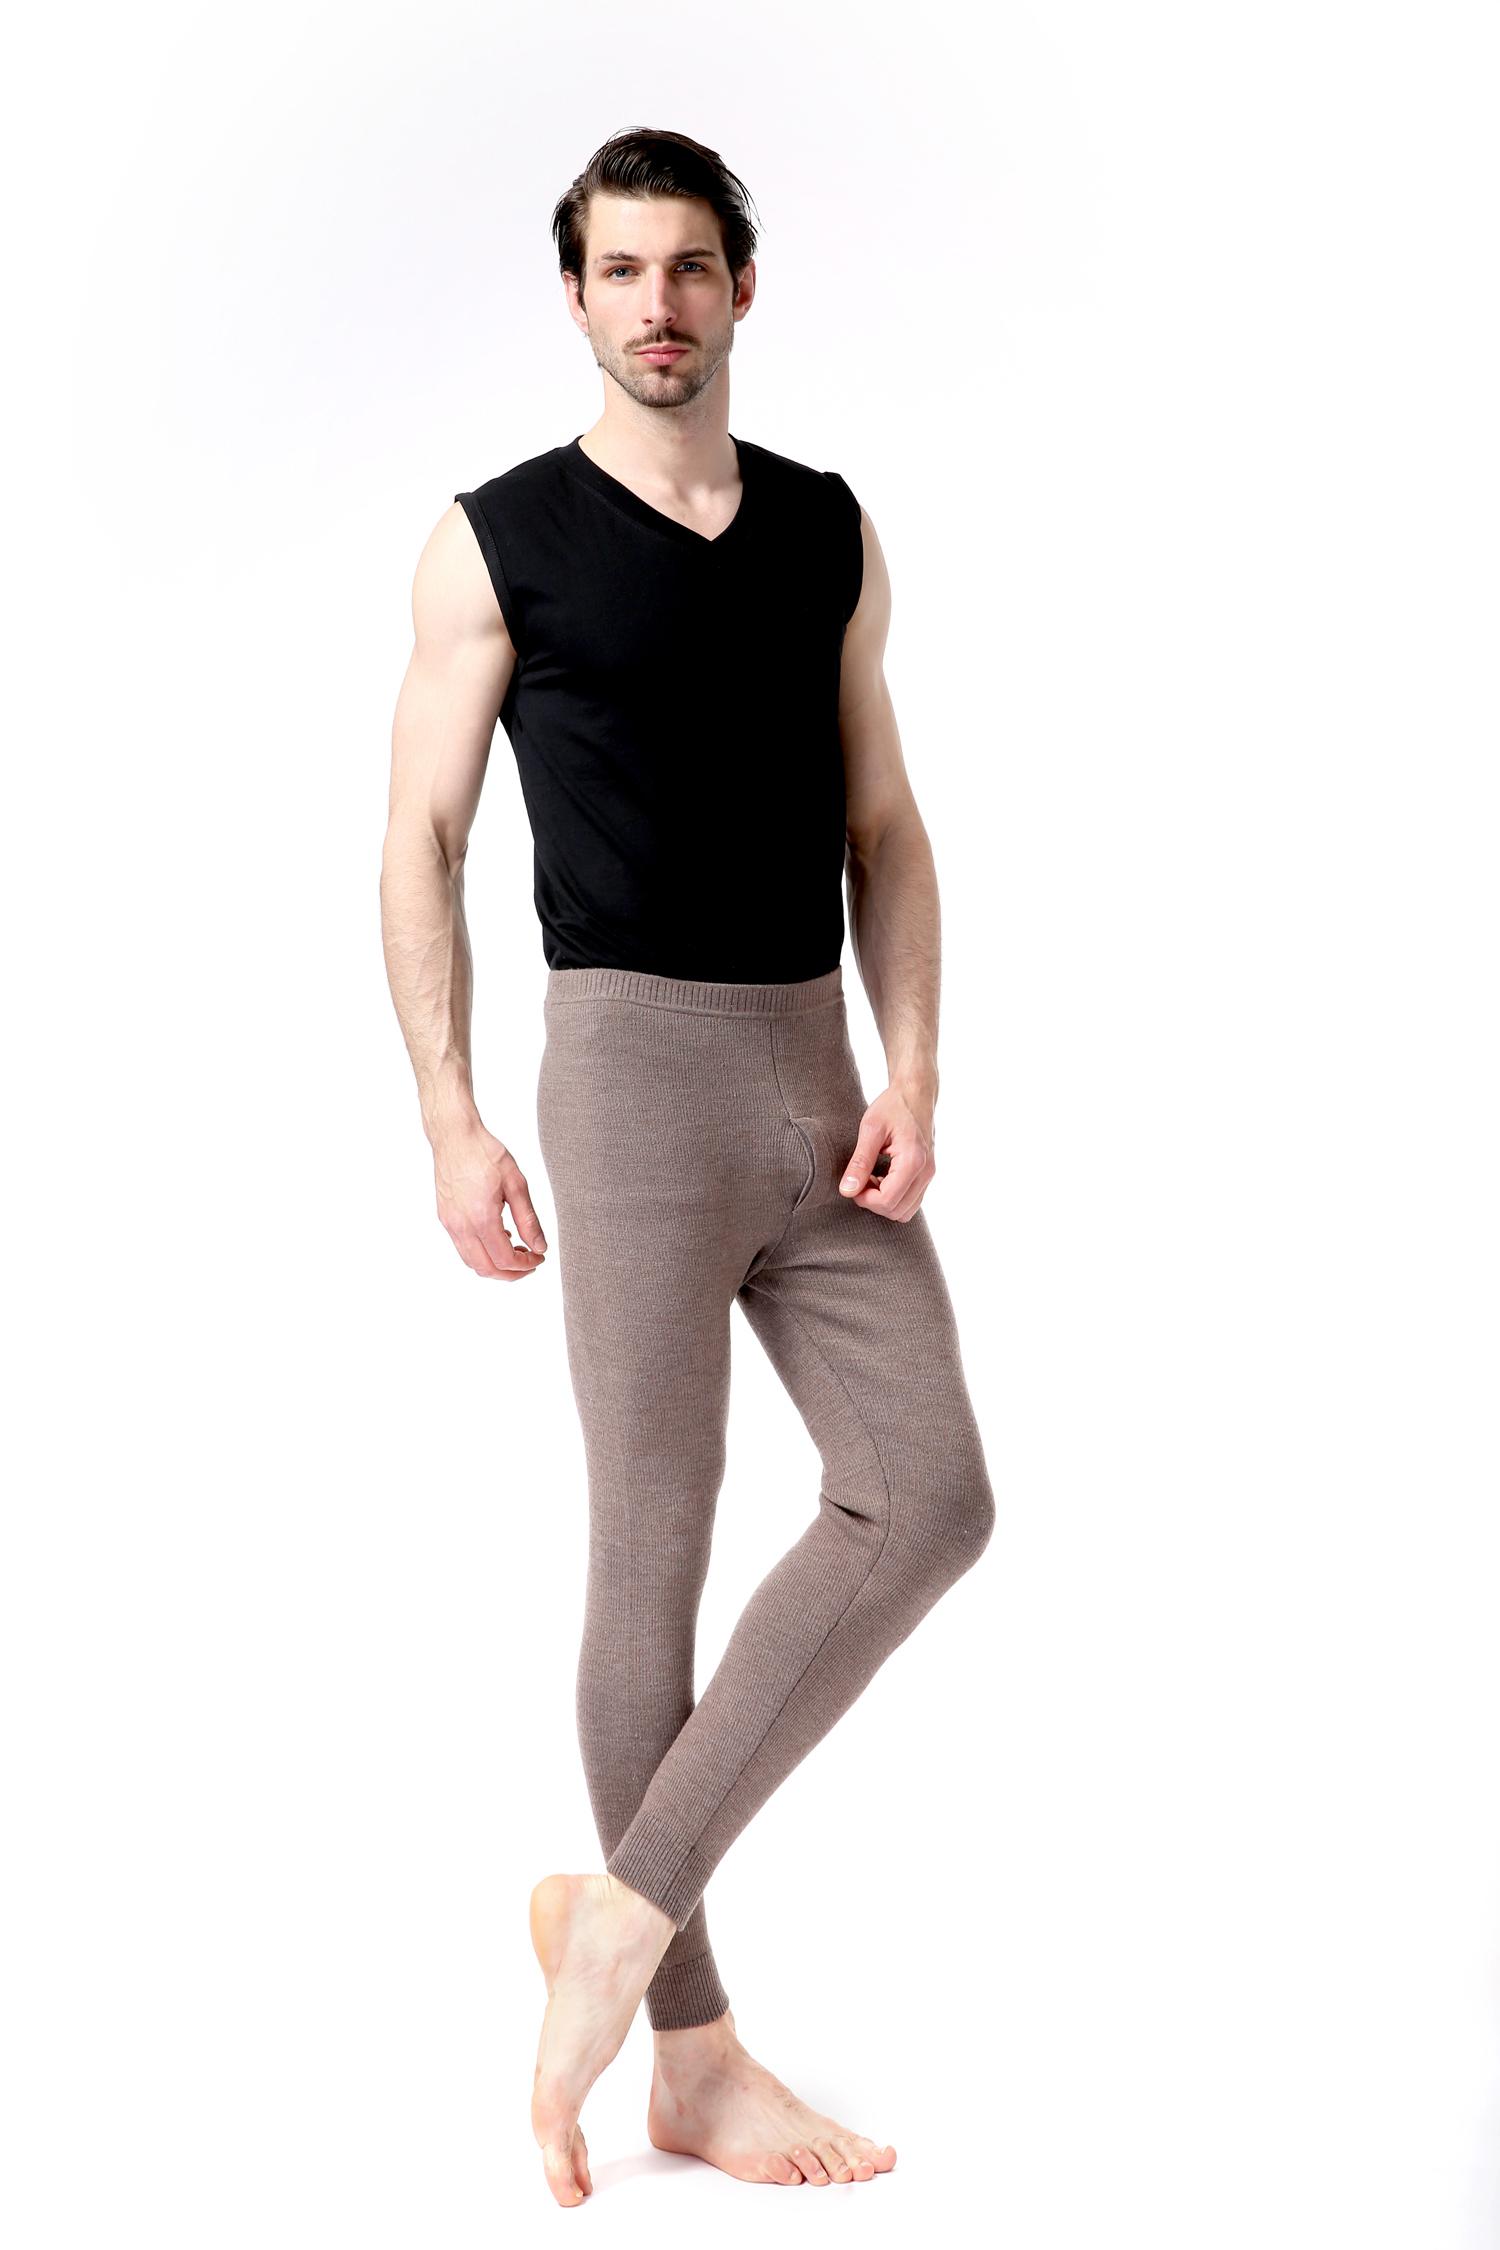 男士打底绒裤什么牌子好,新颖潮流的都兰诺斯澳毛男抽条裤推荐